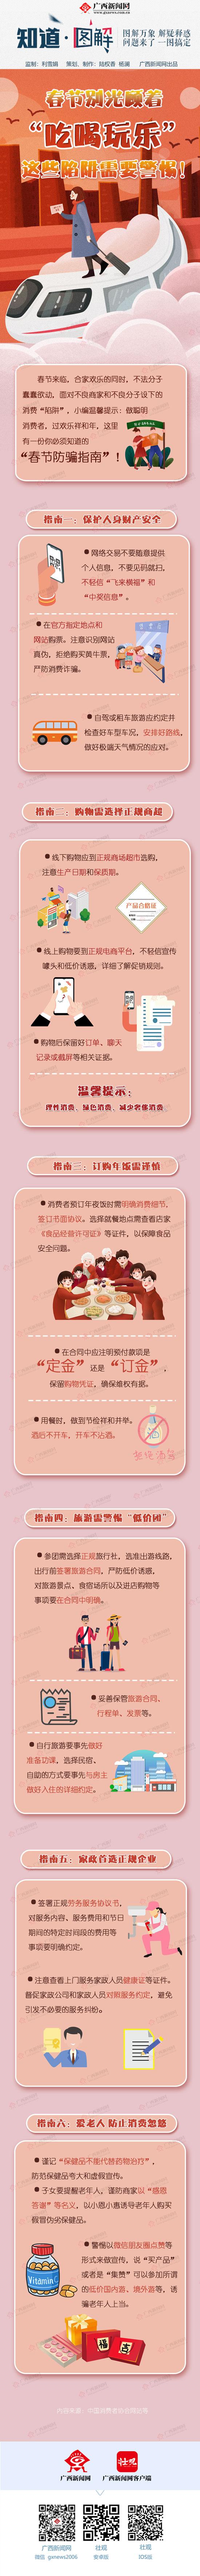 """【知道・图解】春节别光顾着""""吃喝玩乐"""",这些陷阱需要警惕!"""